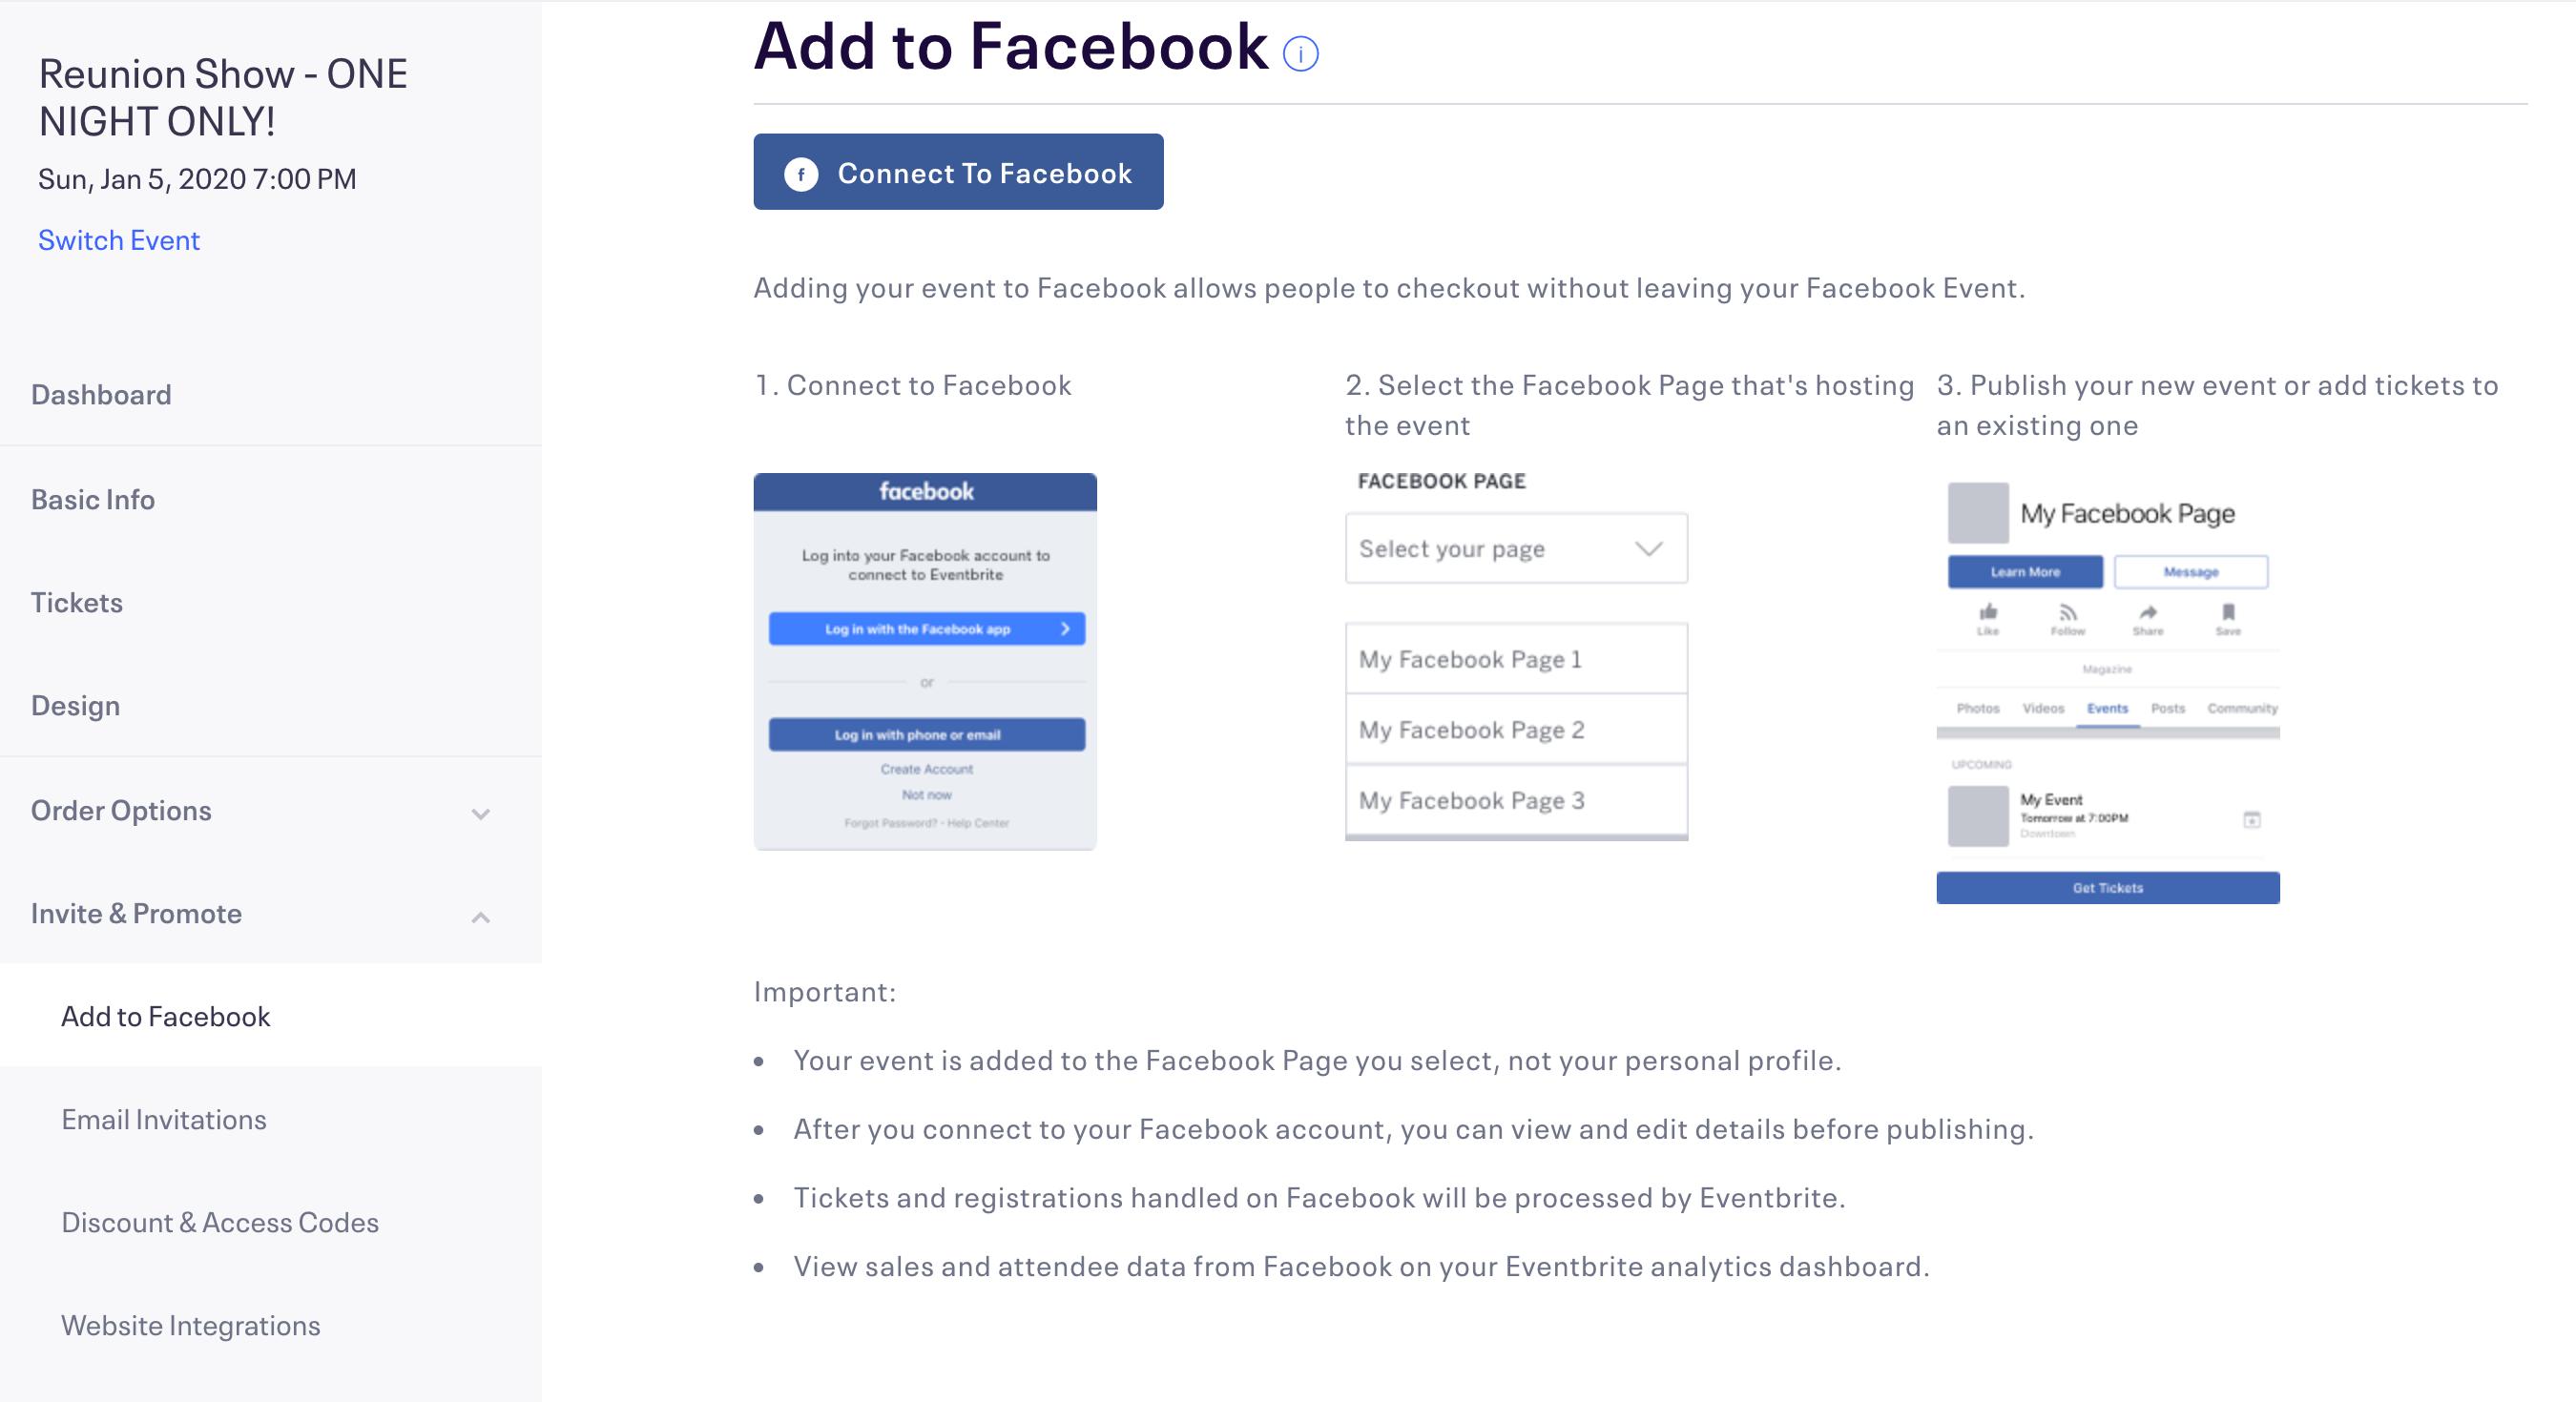 Eventbrite Facebook Integration